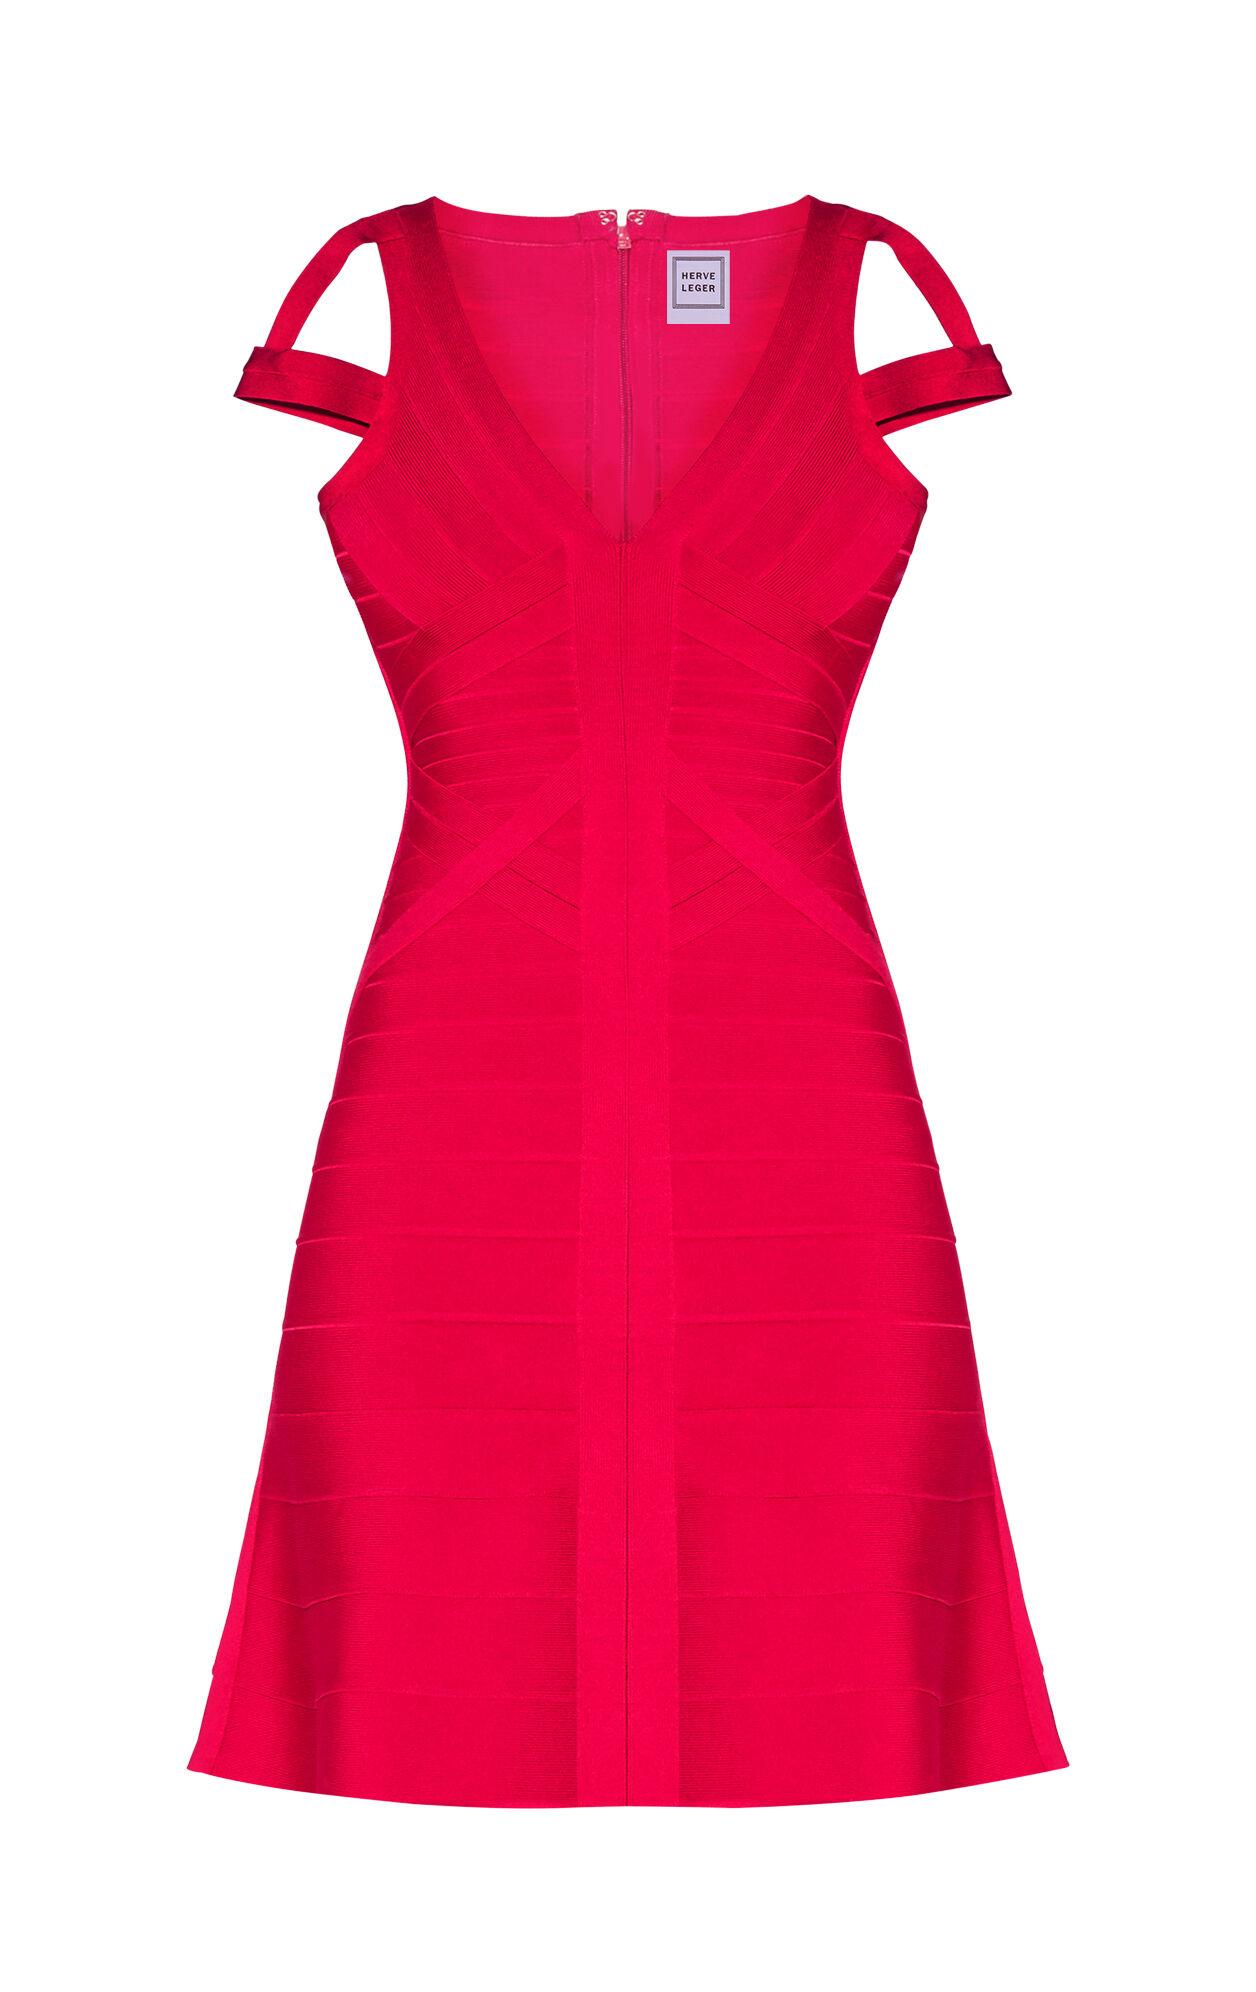 Karly Signature Cold-Shoulder Flute Dress